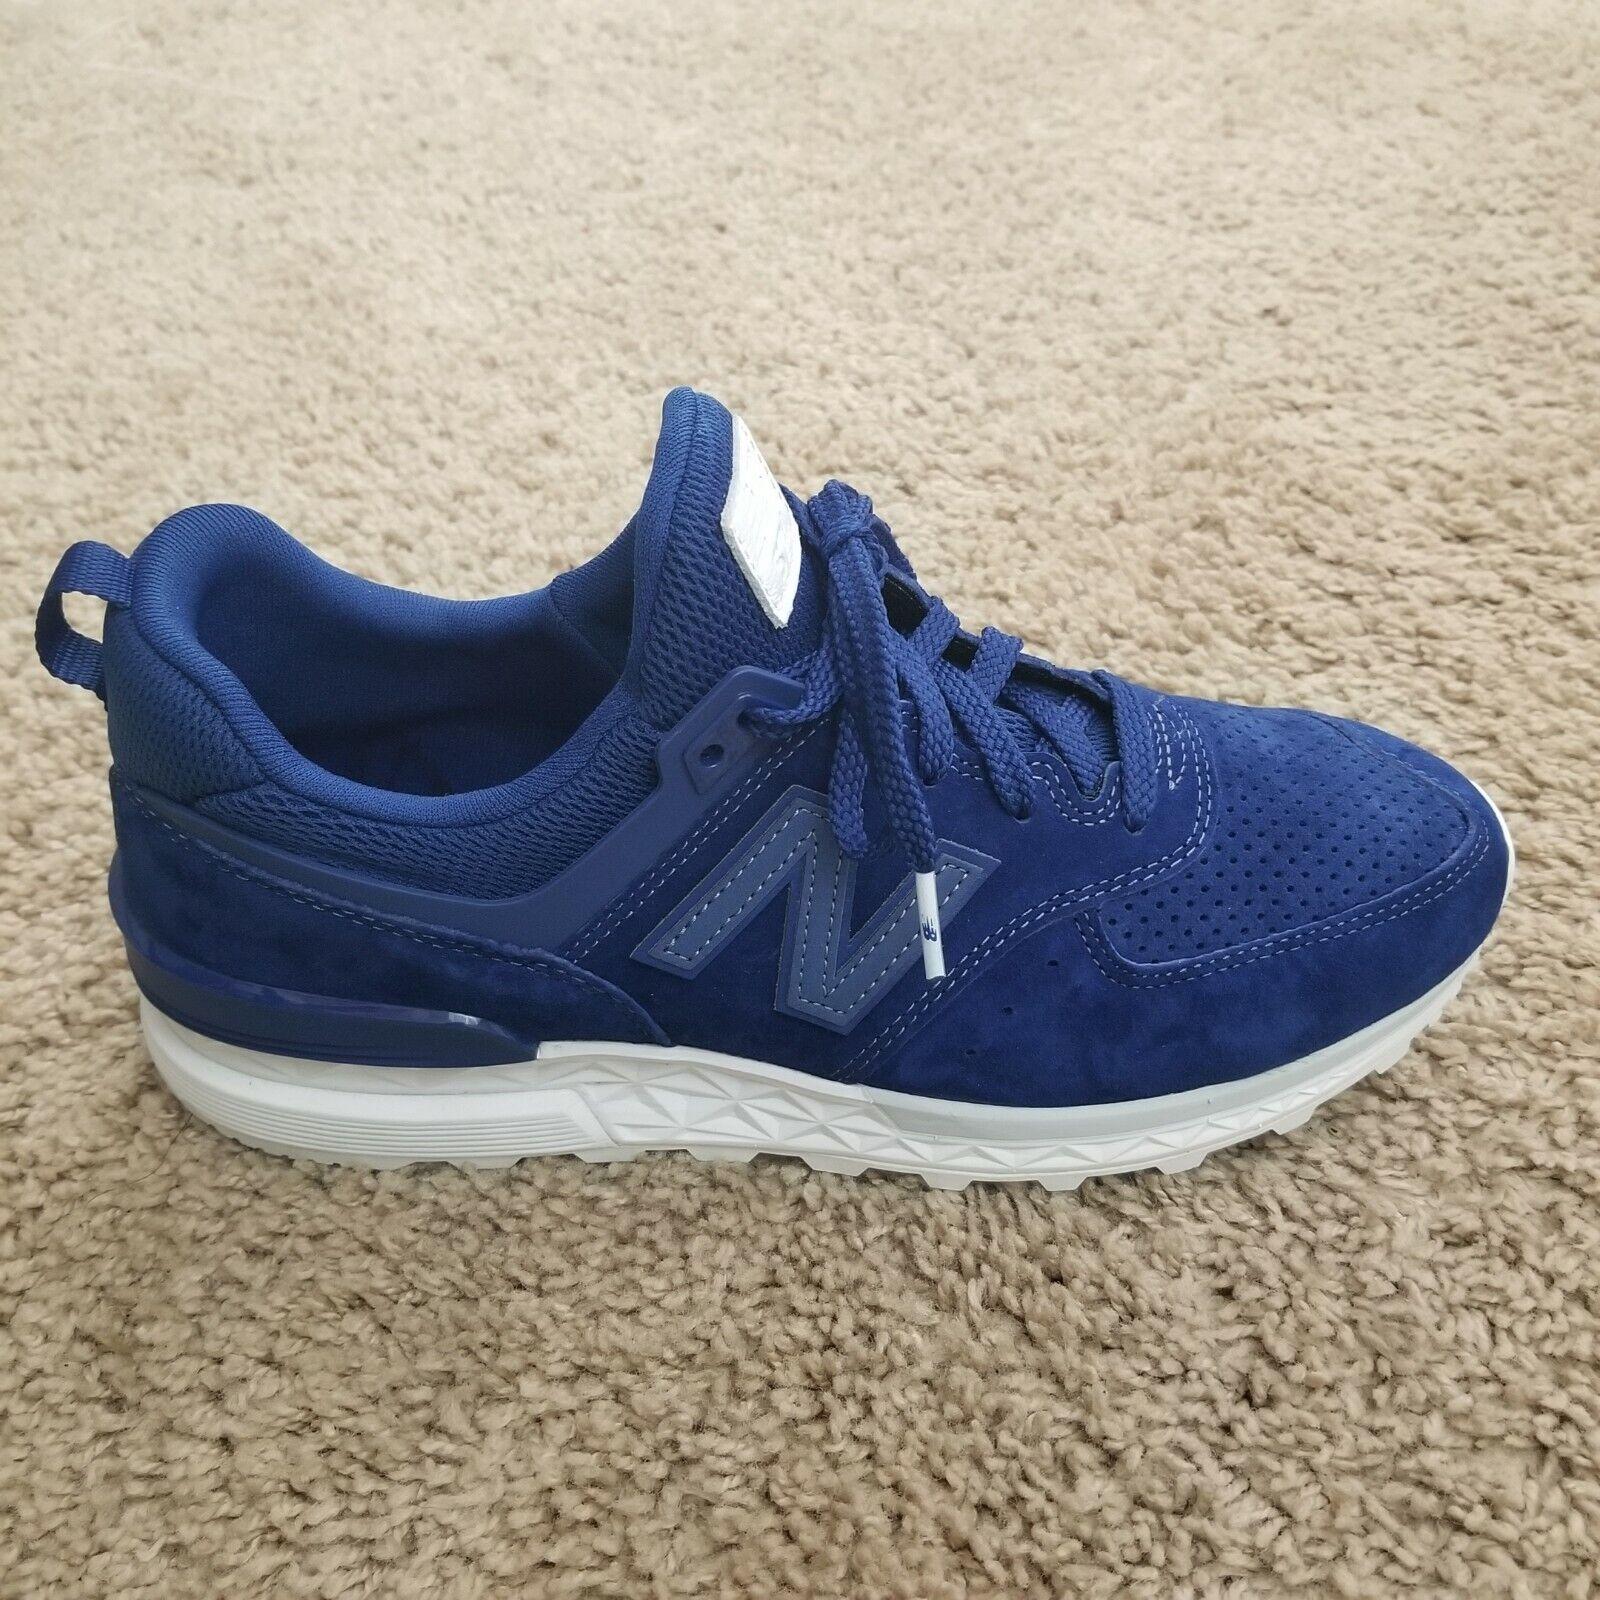 New Balance 574 Sport XMS574BLB bluee Suede shoes Men's Size 9.5